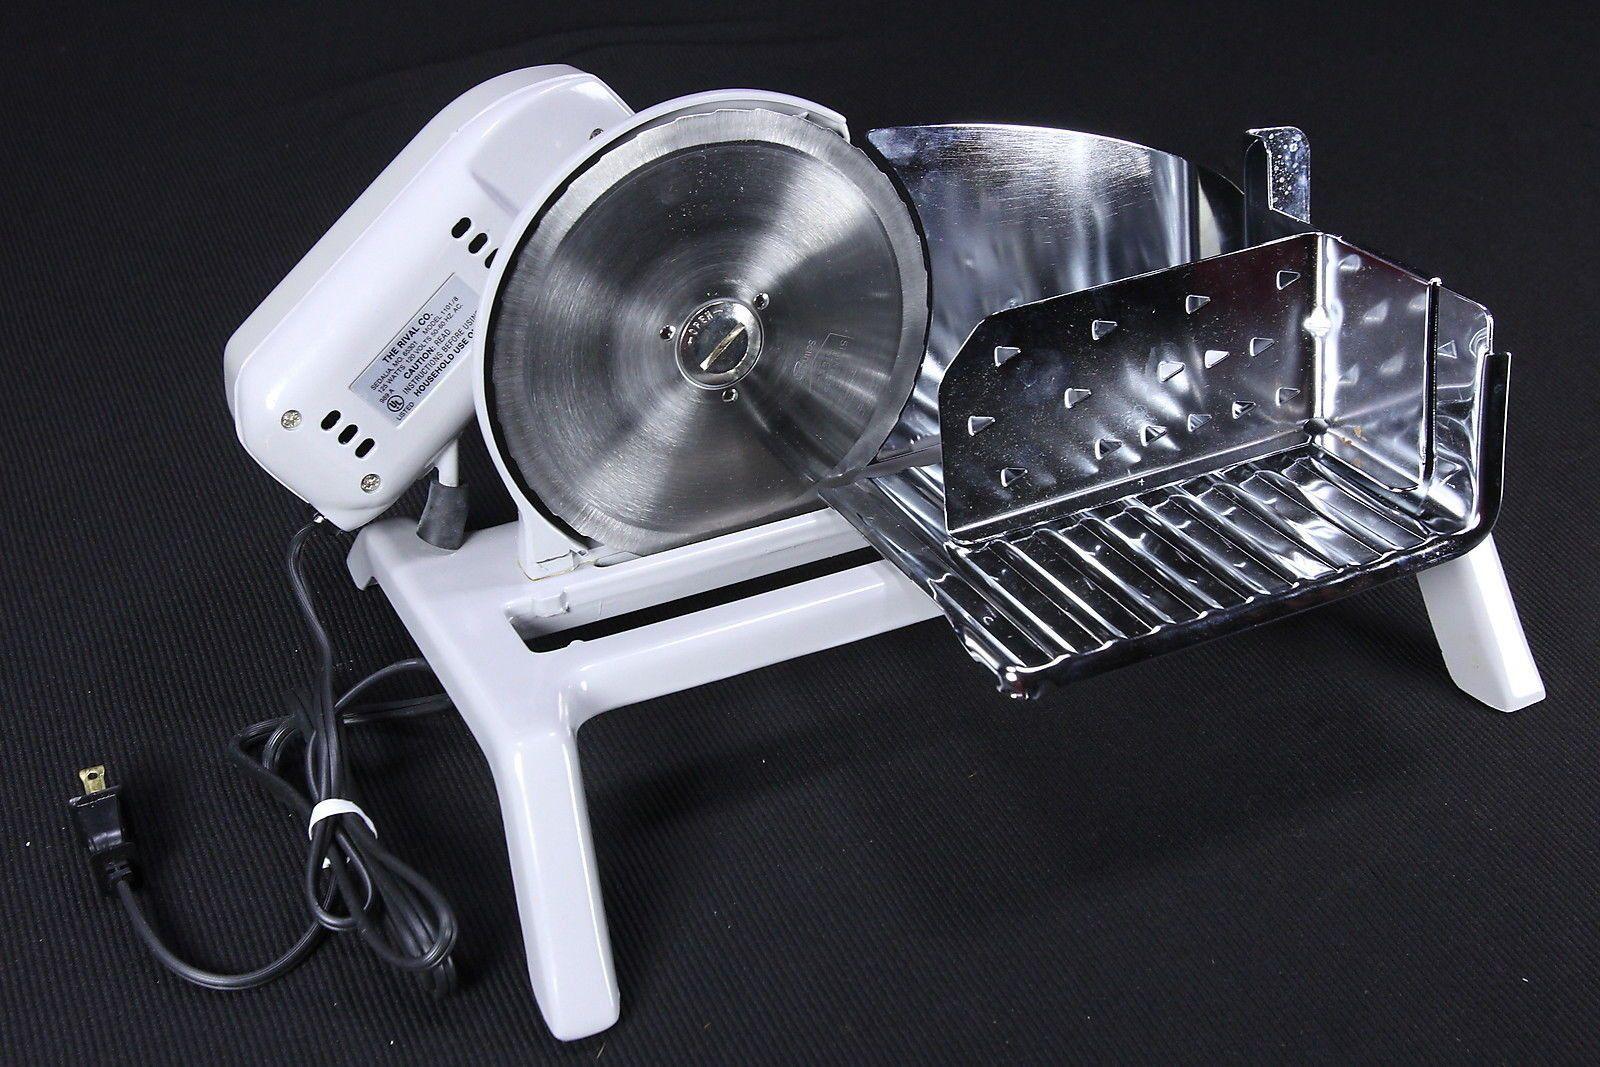 Vintage rival electric food slicer 65301 model 1030v 2 chrome.